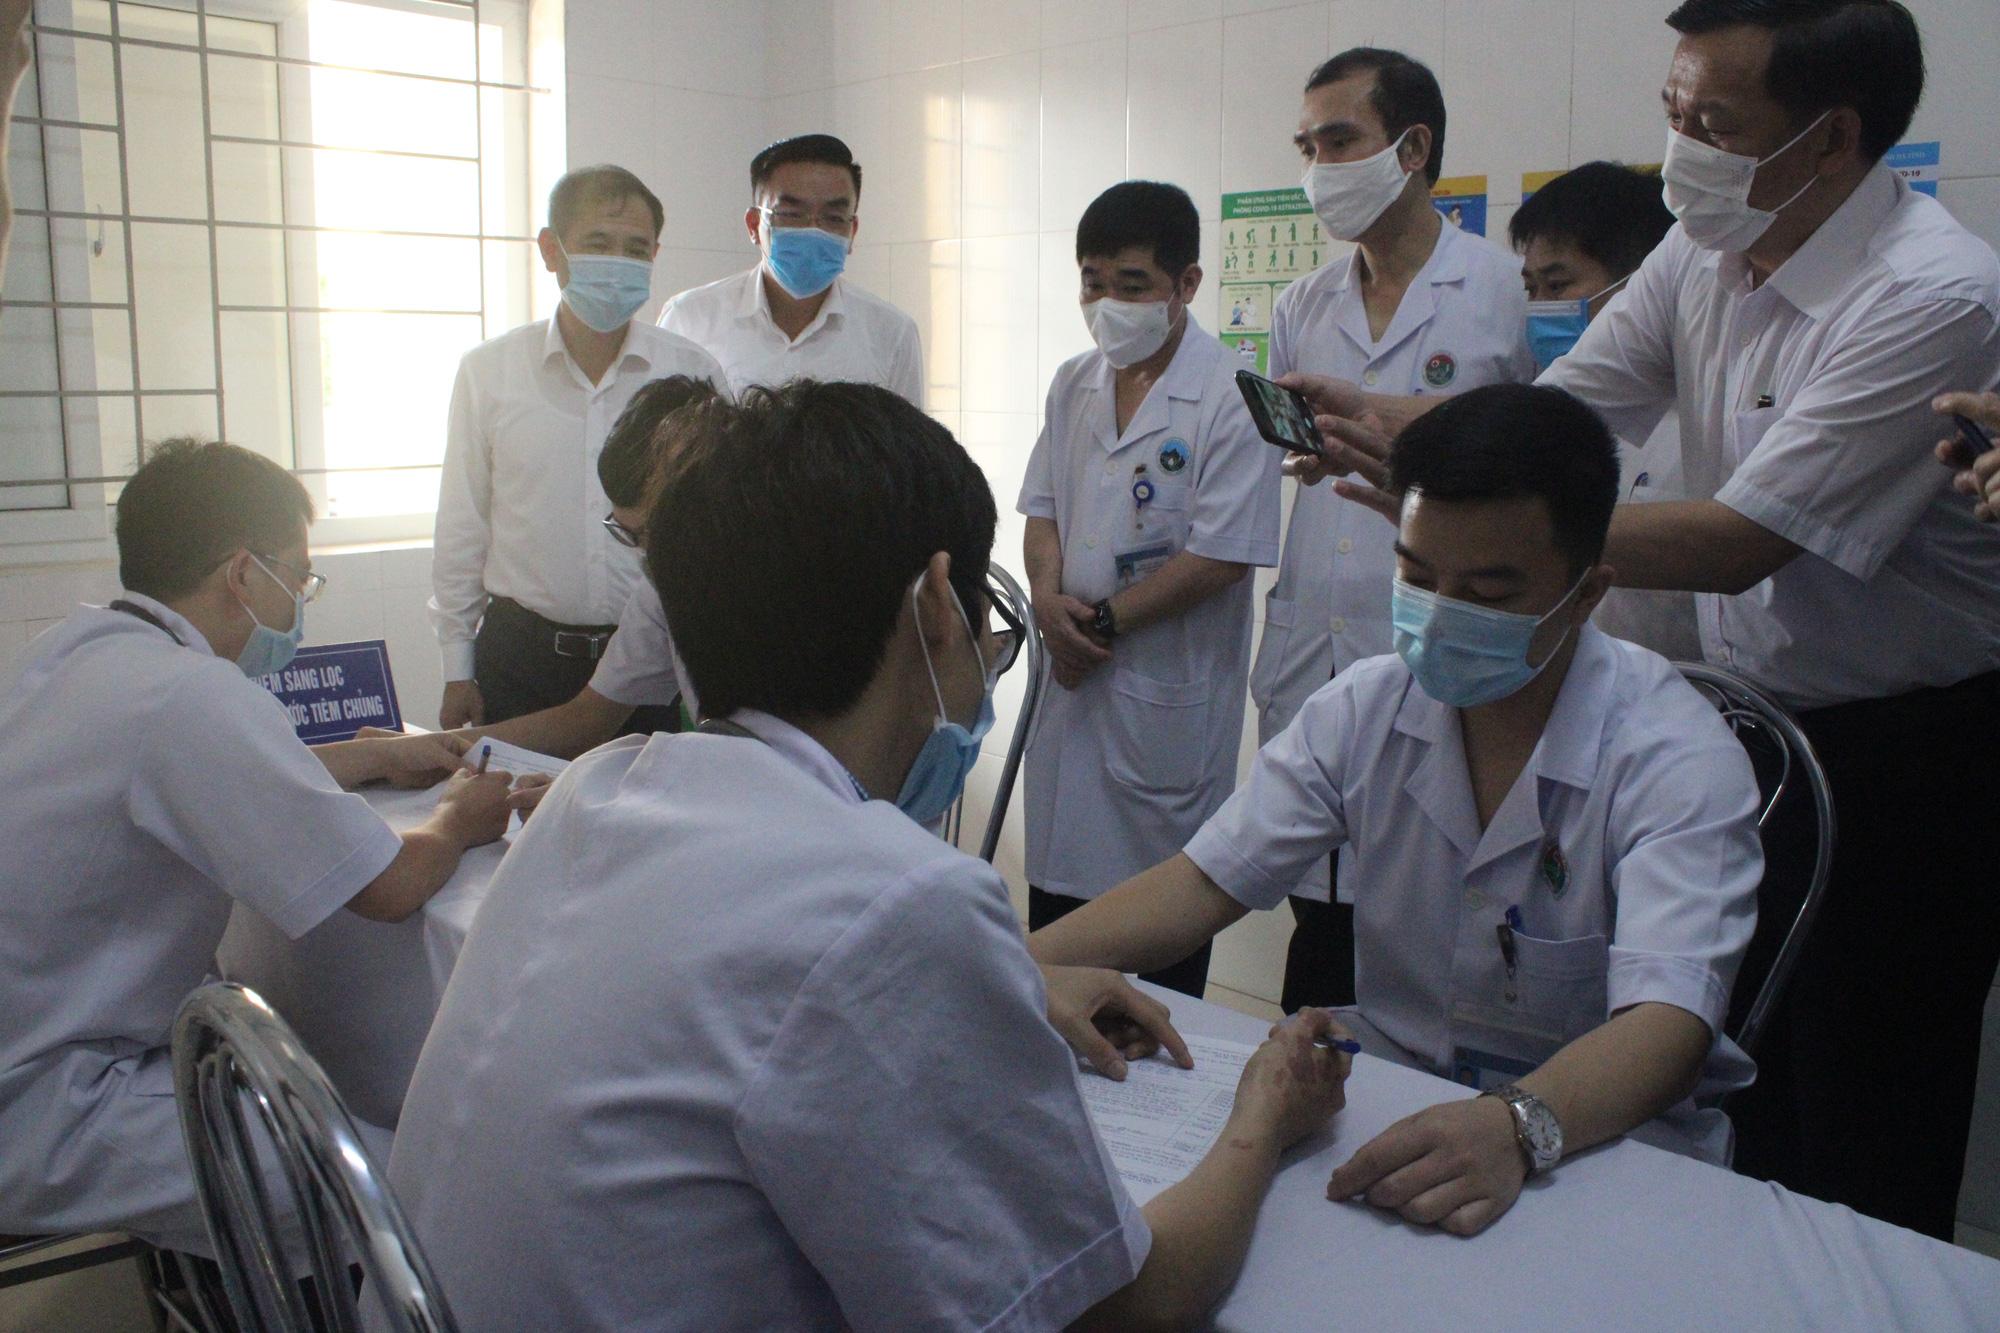 Clip: Hà Tĩnh tiêm liều vaccine phòng COVID-19 đầu tiên cho những y, bác sĩ - Ảnh 4.